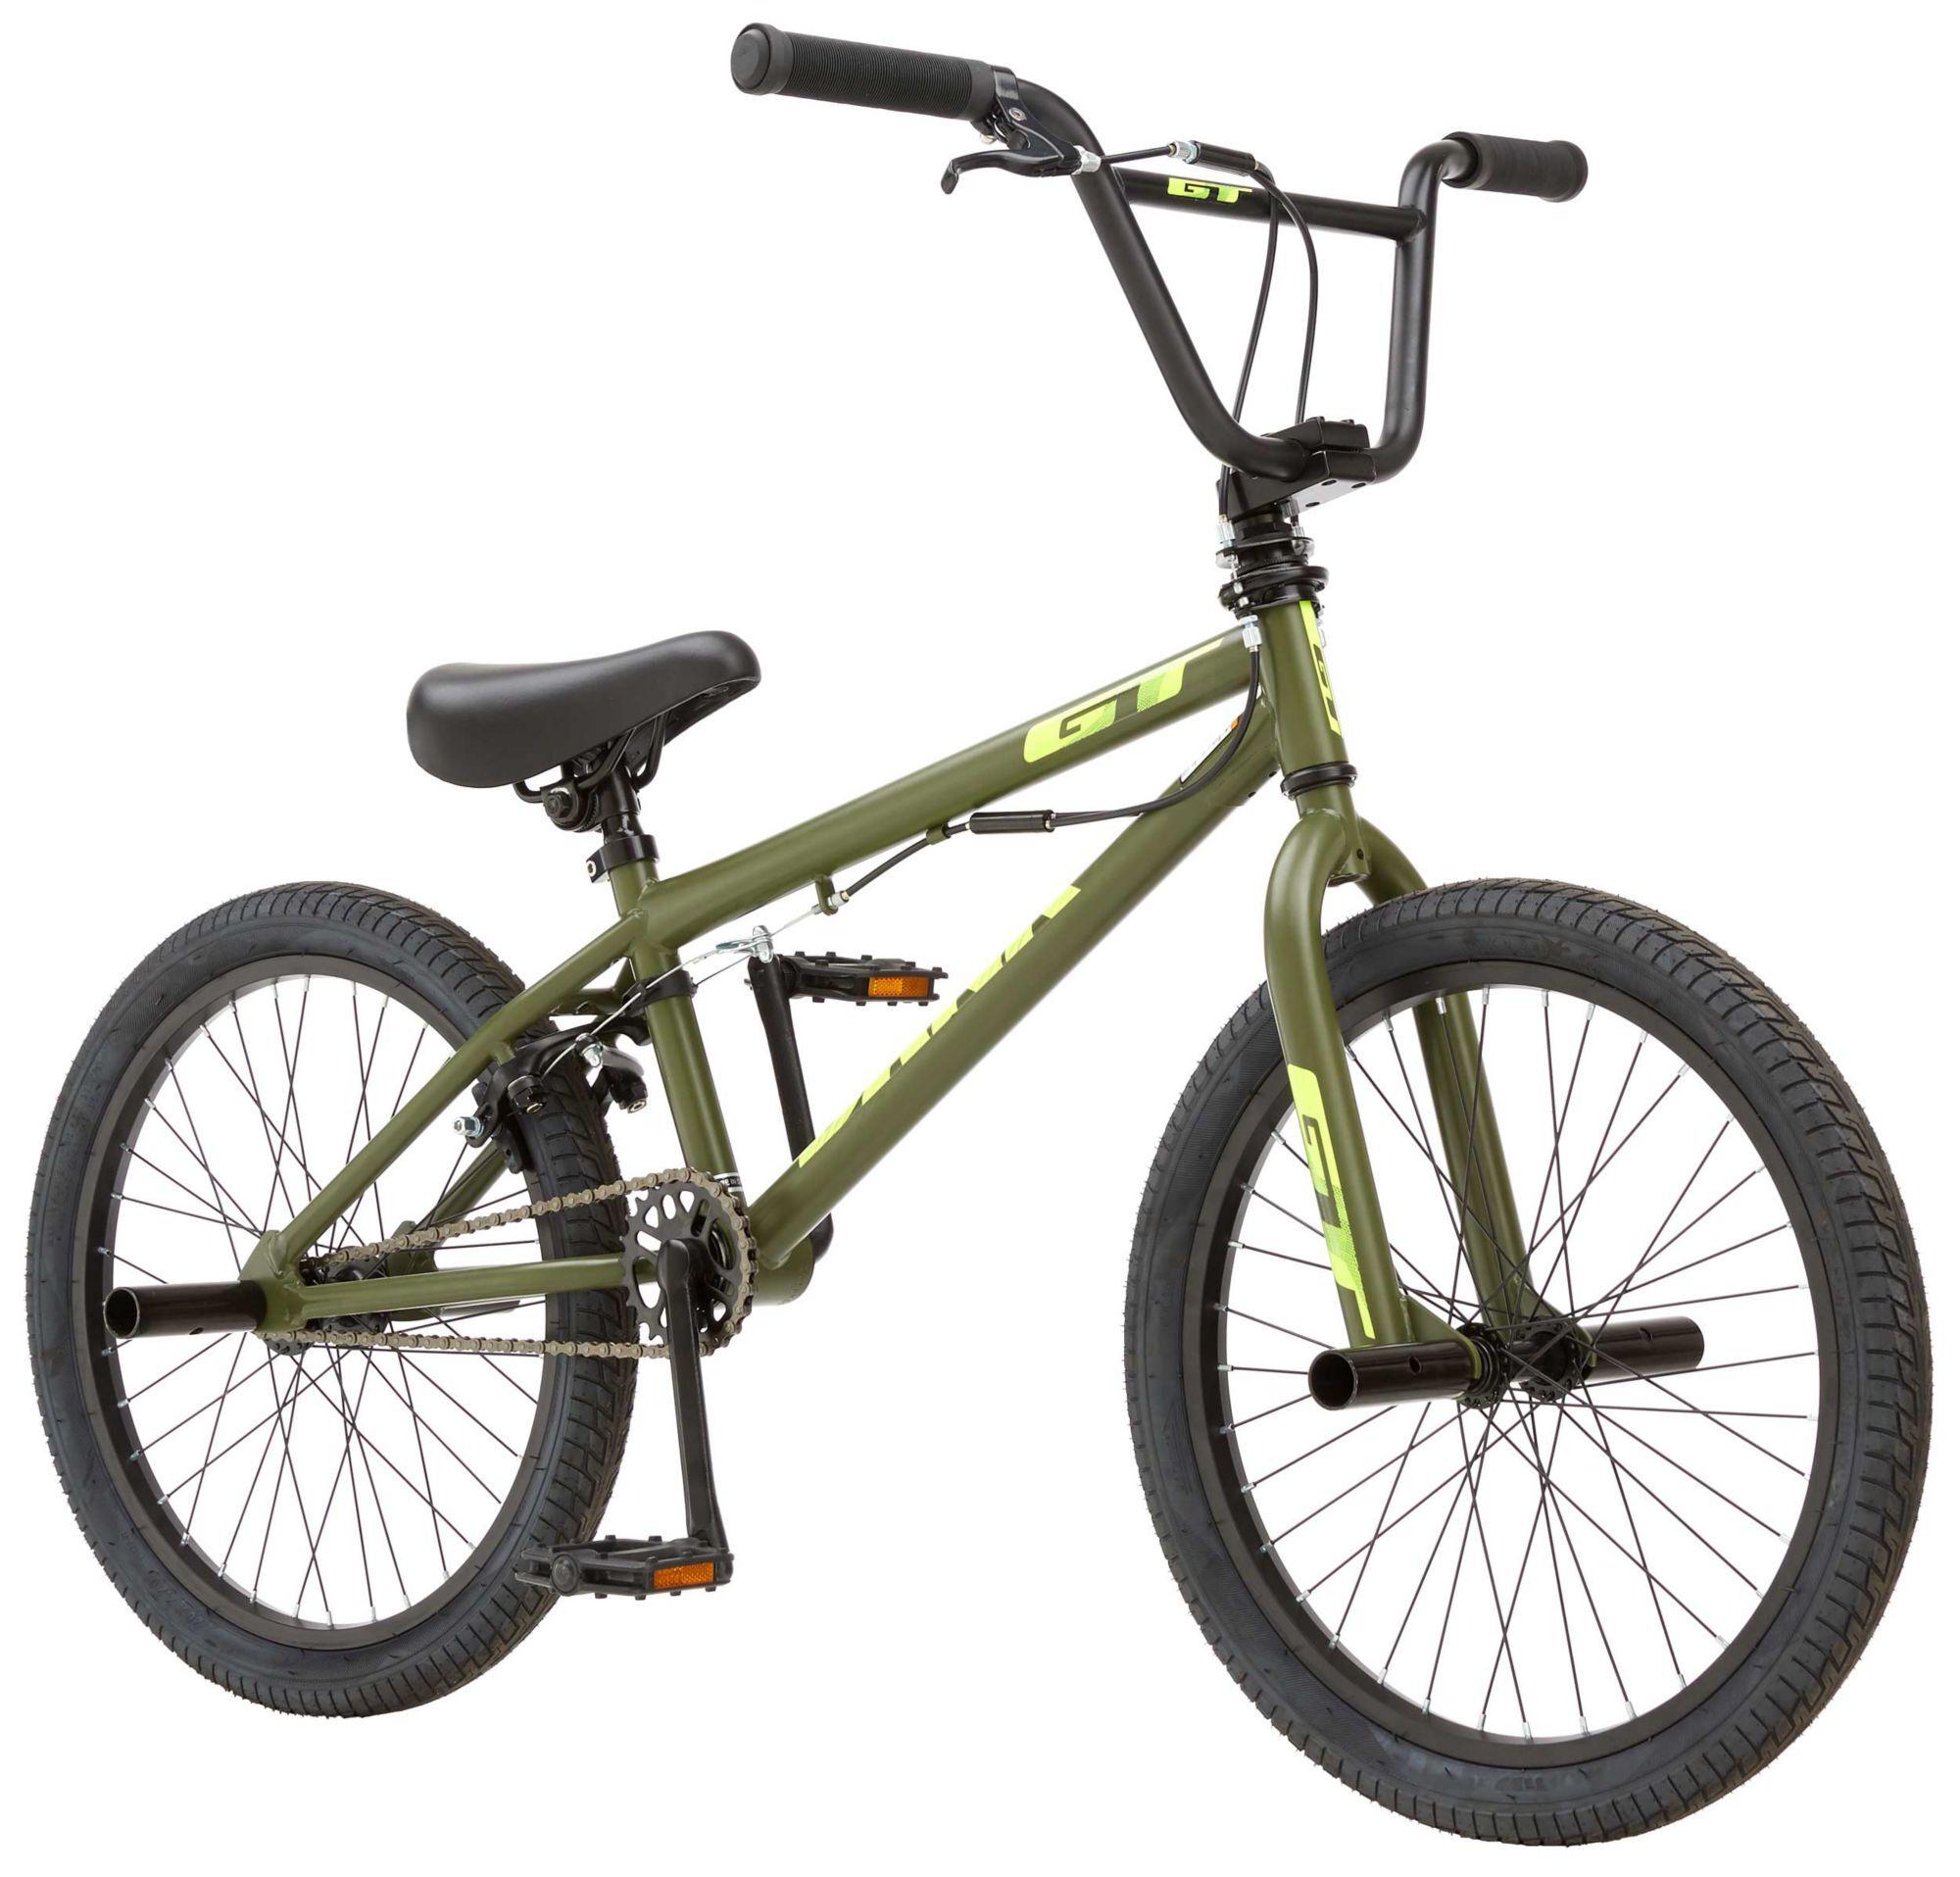 GT Kids' Bank BMX Bike, 20 IN., Green